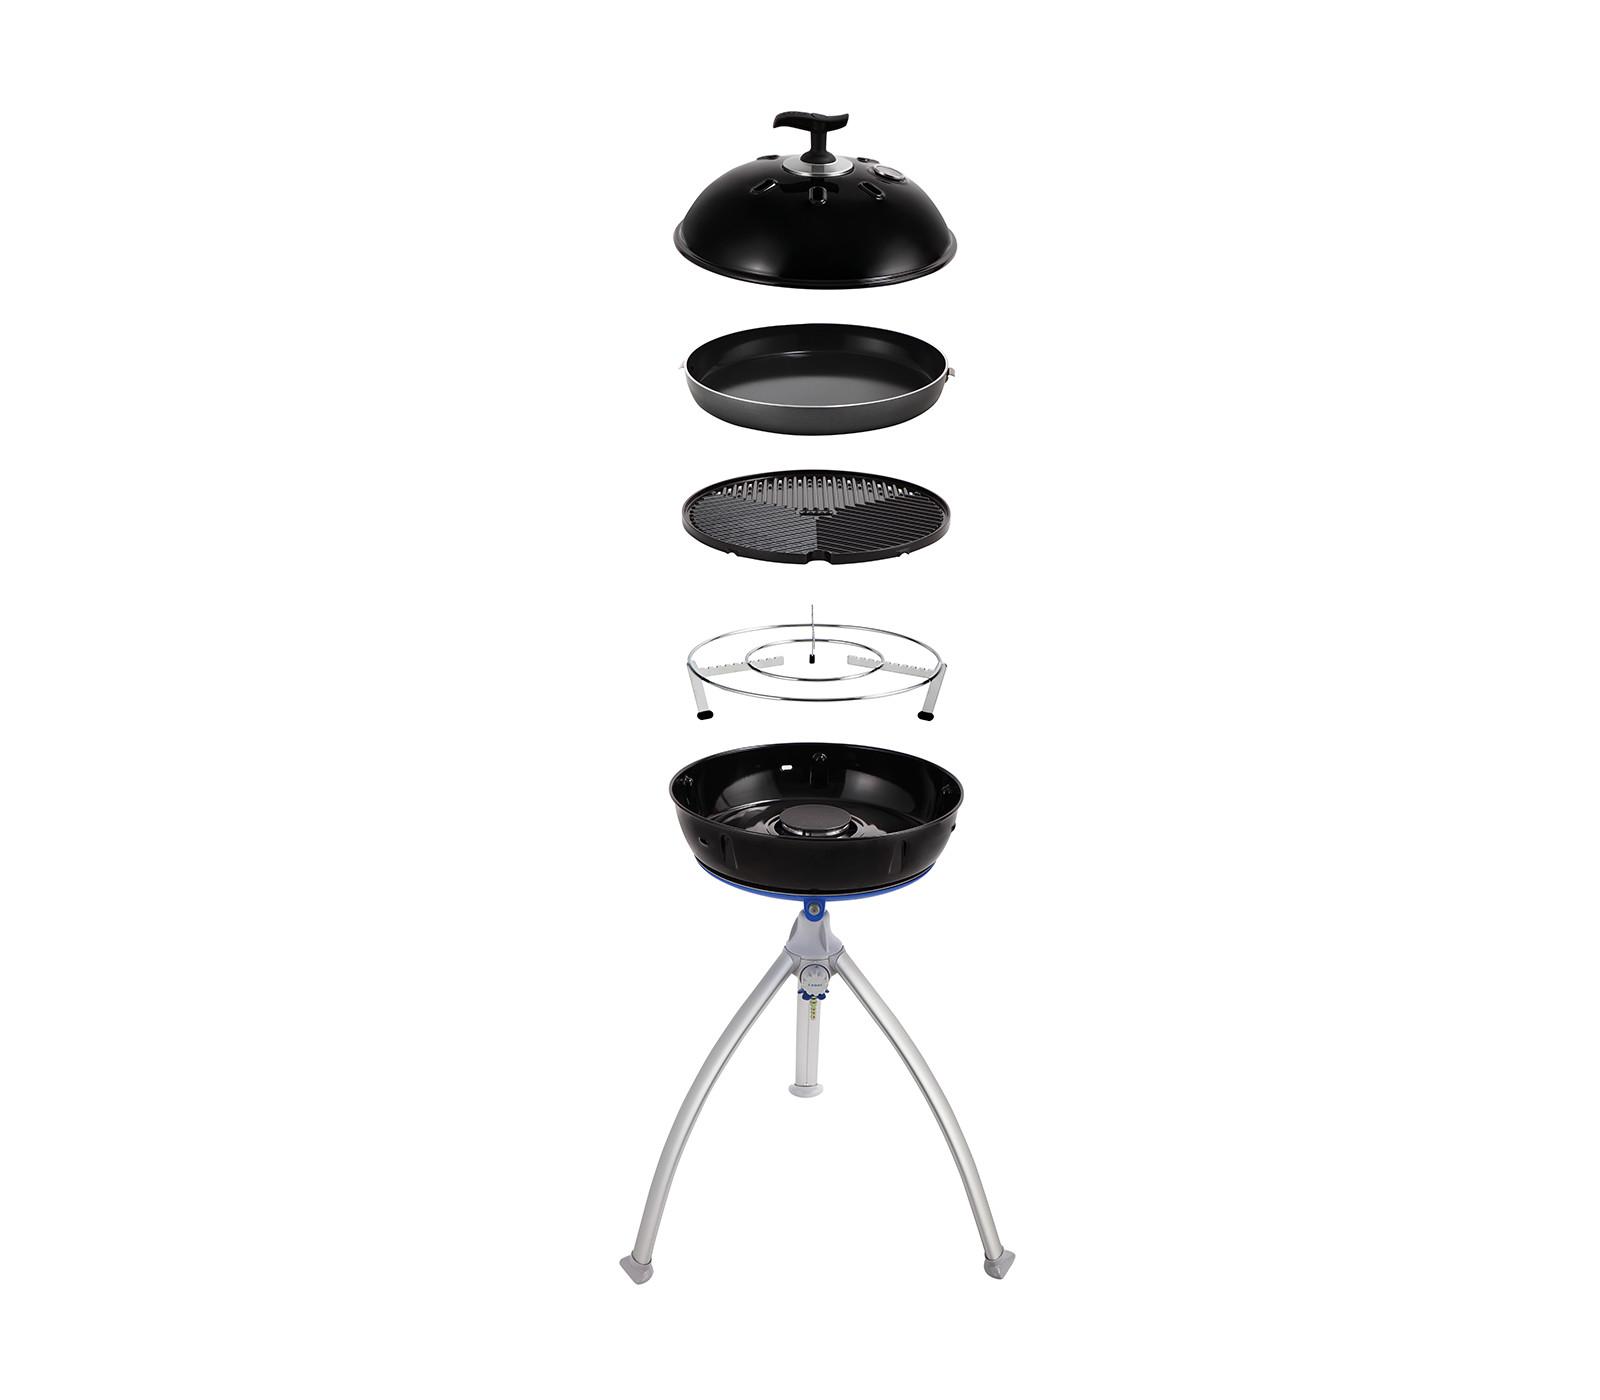 Cadac Grillo Chef 2 + Chef Pan